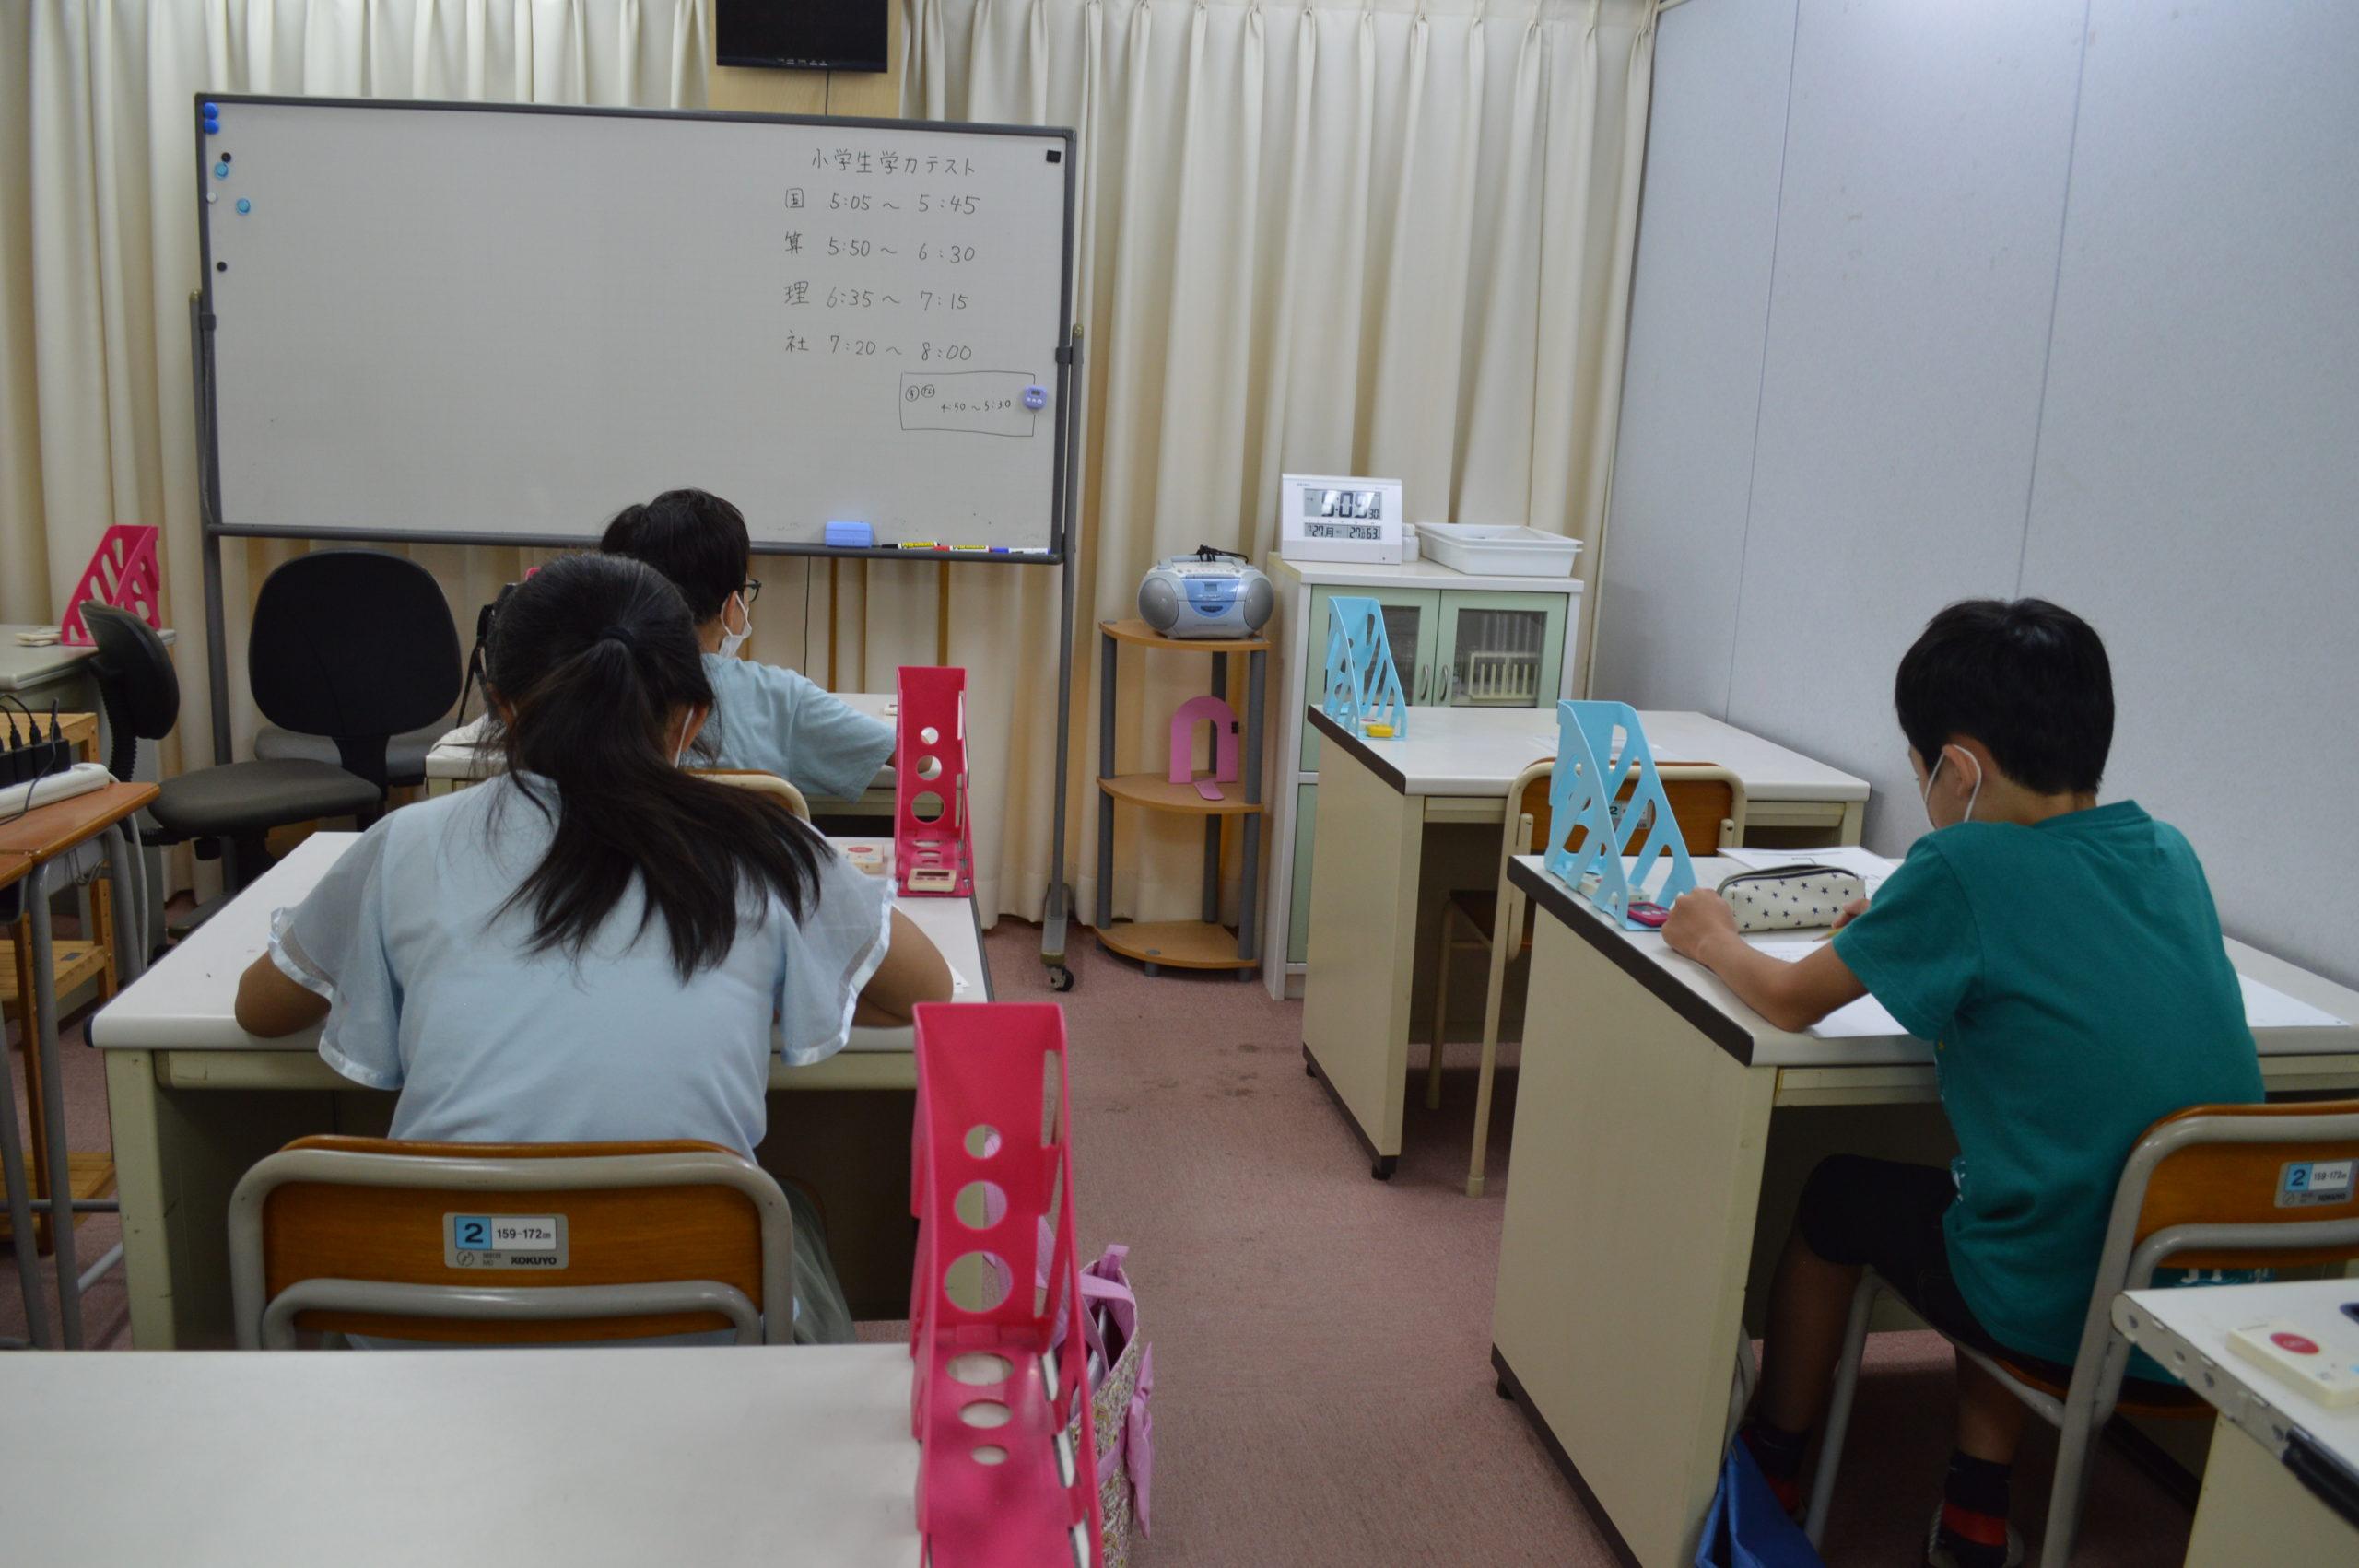 7月度小学生学力テストpage-visual 7月度小学生学力テストビジュアル